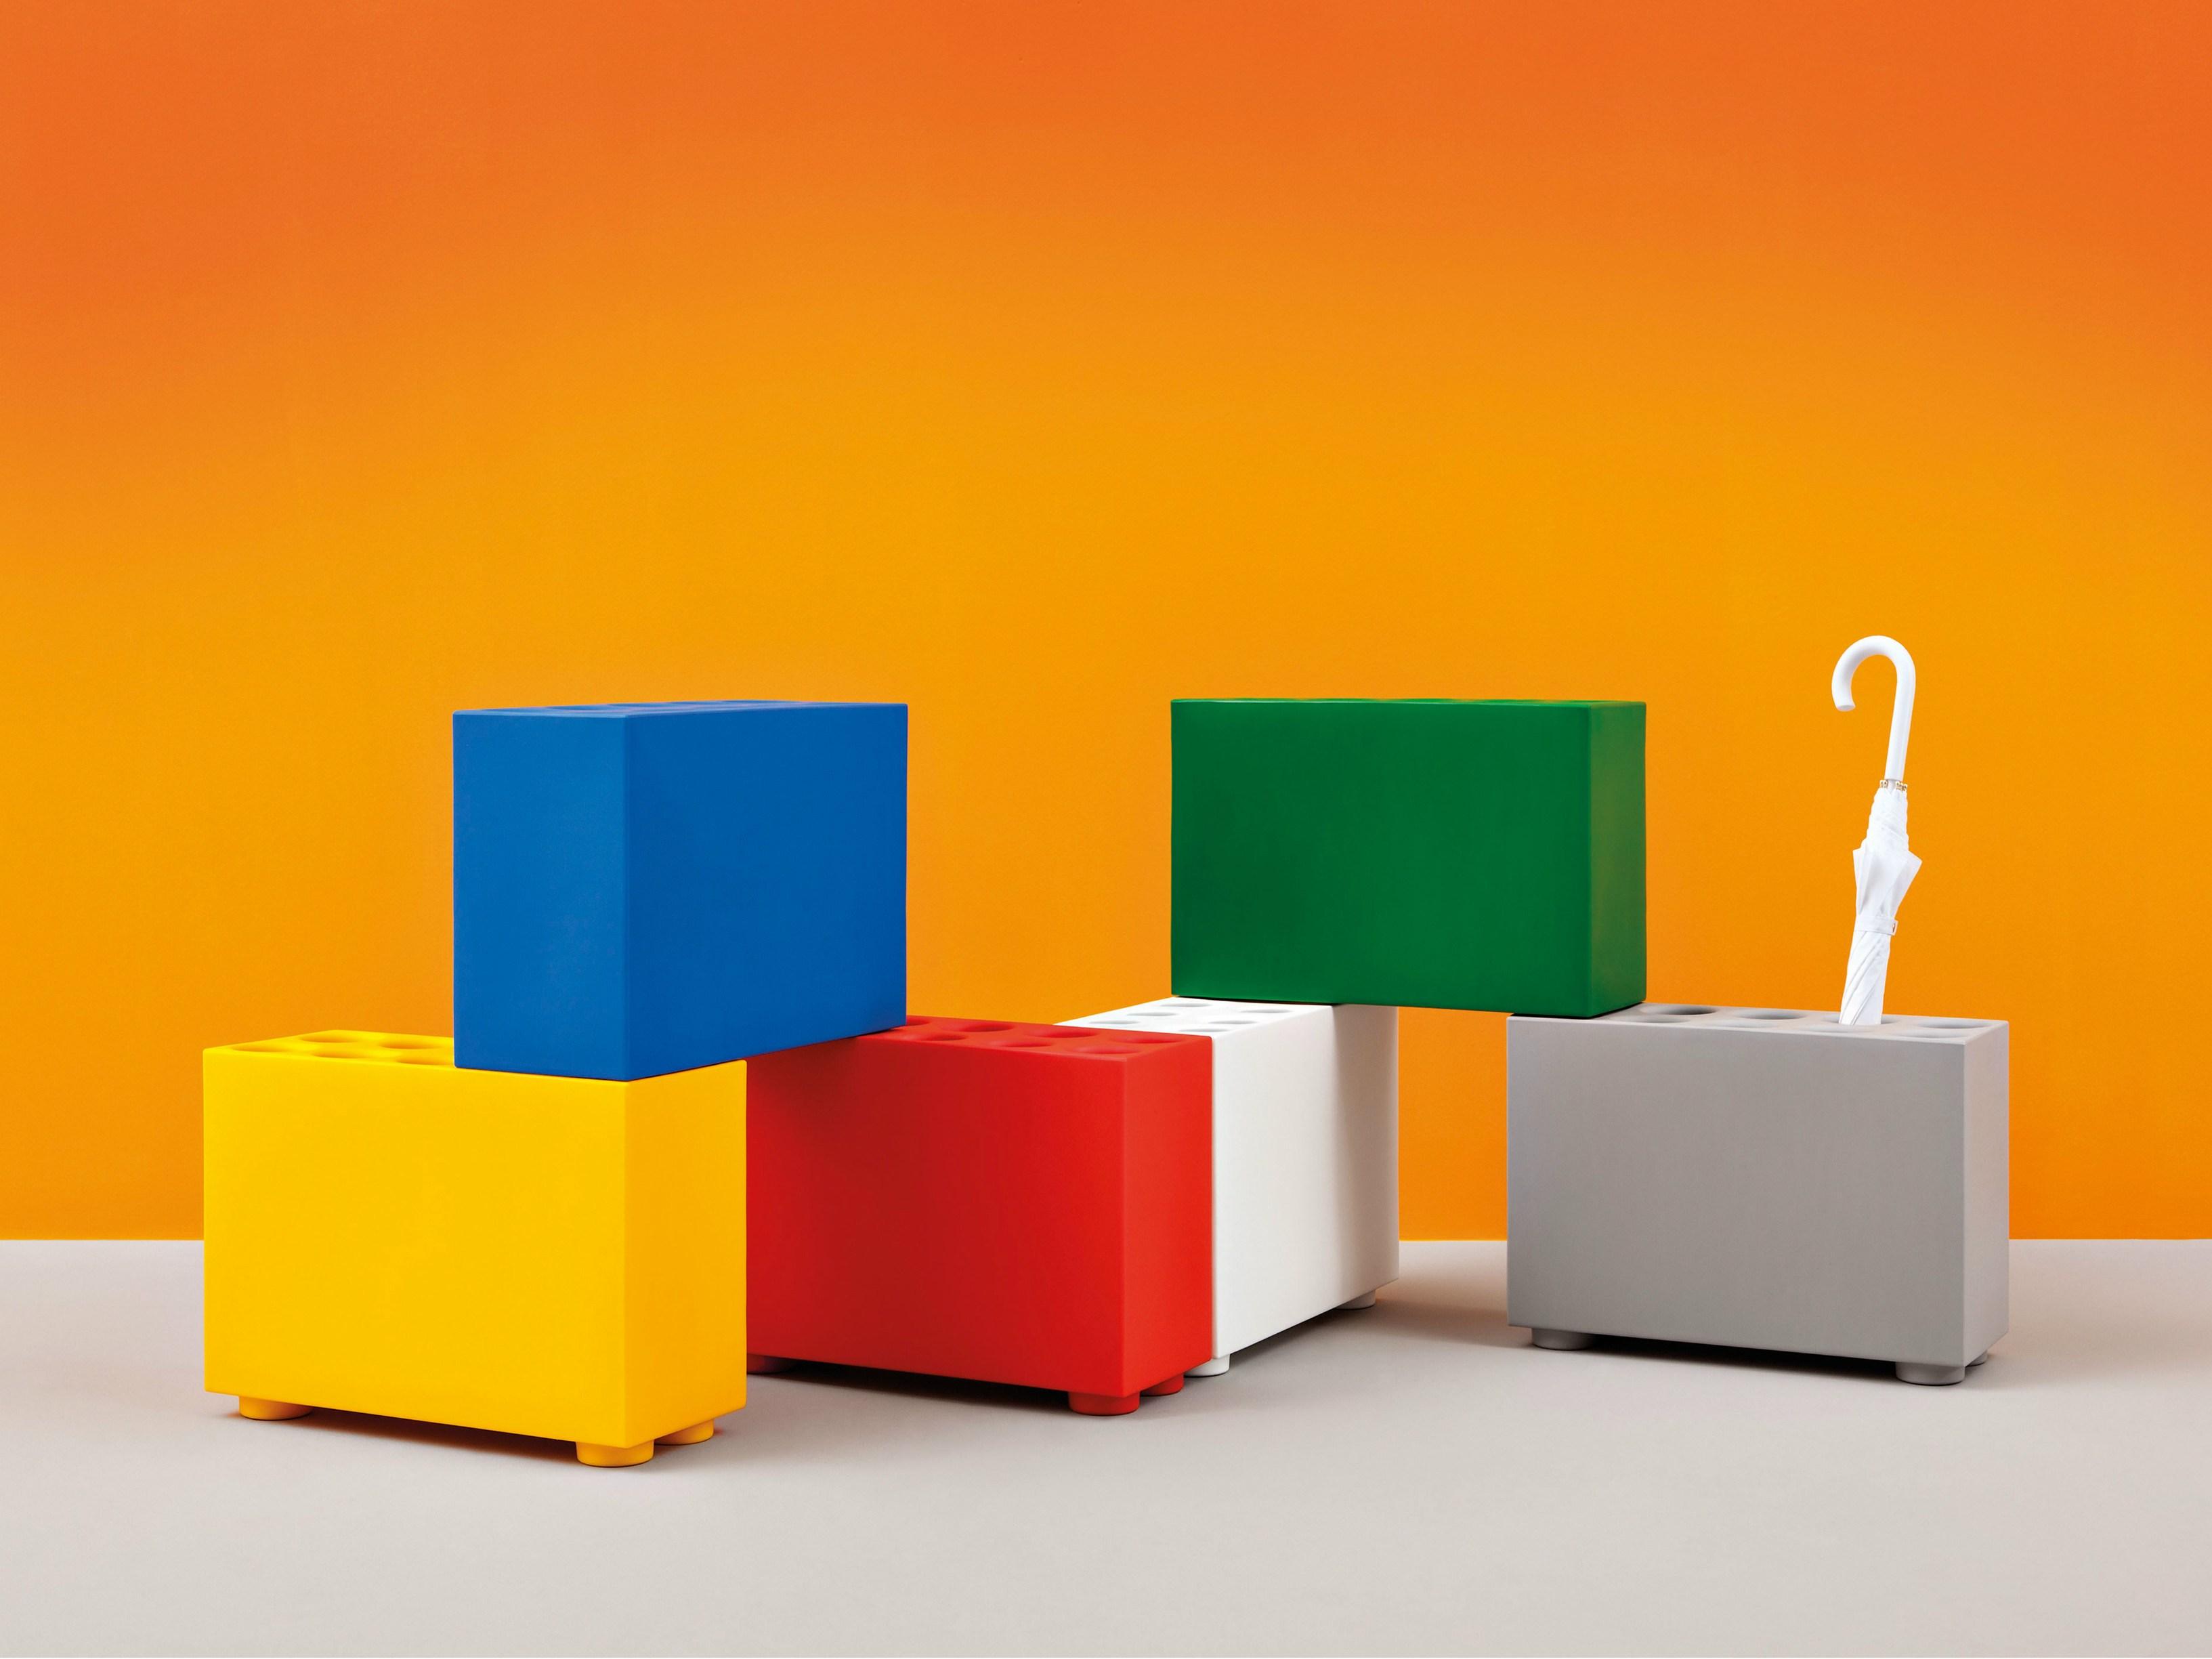 Brick l allegro portaombrelli del marchio pedrali arredare con stile - Portaombrelli design originale ...